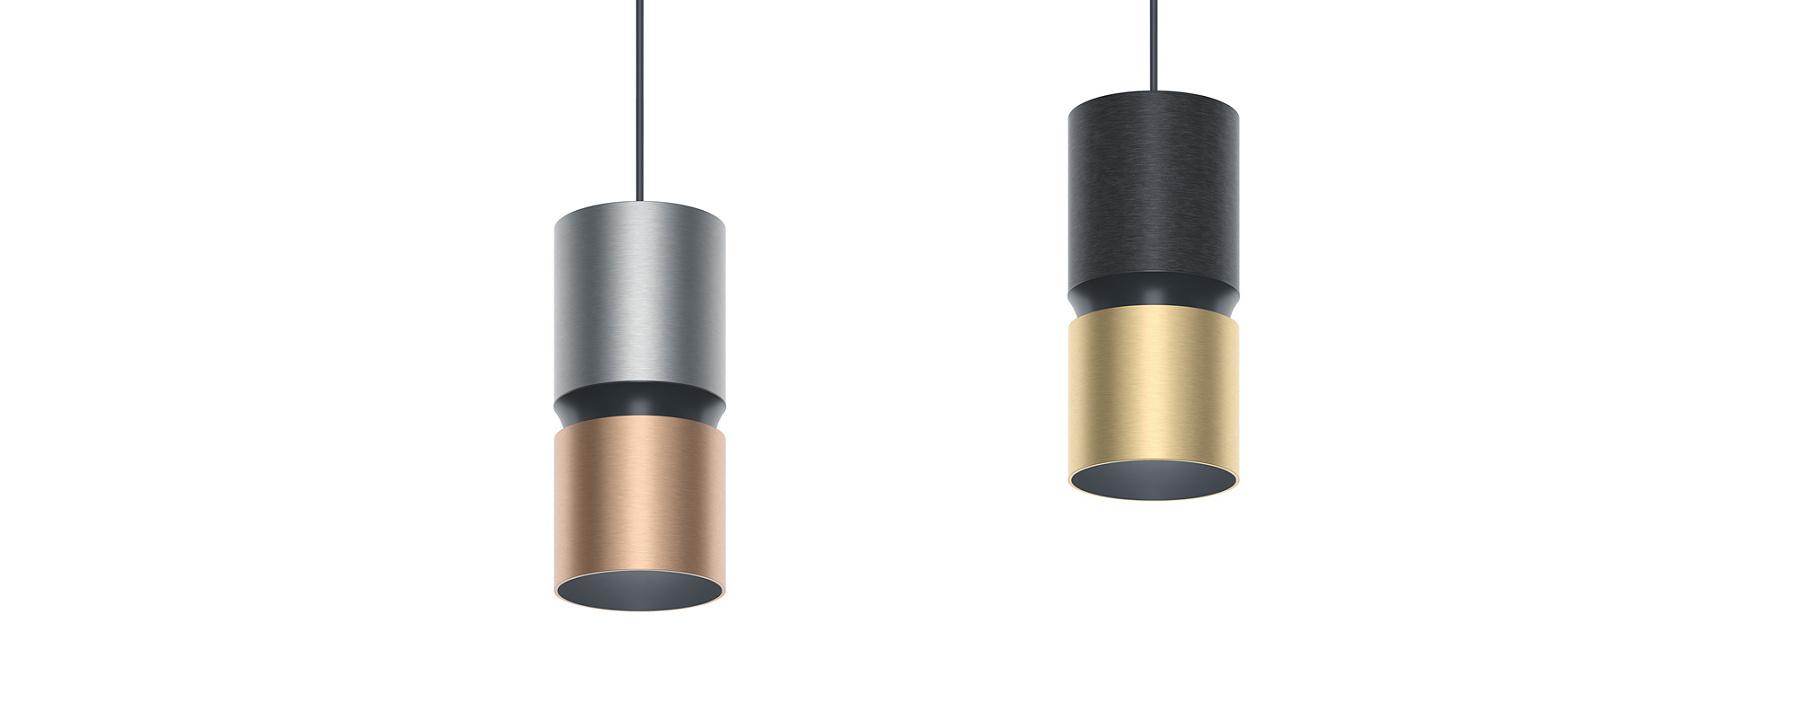 Atrium double focus - Pendant luminaires